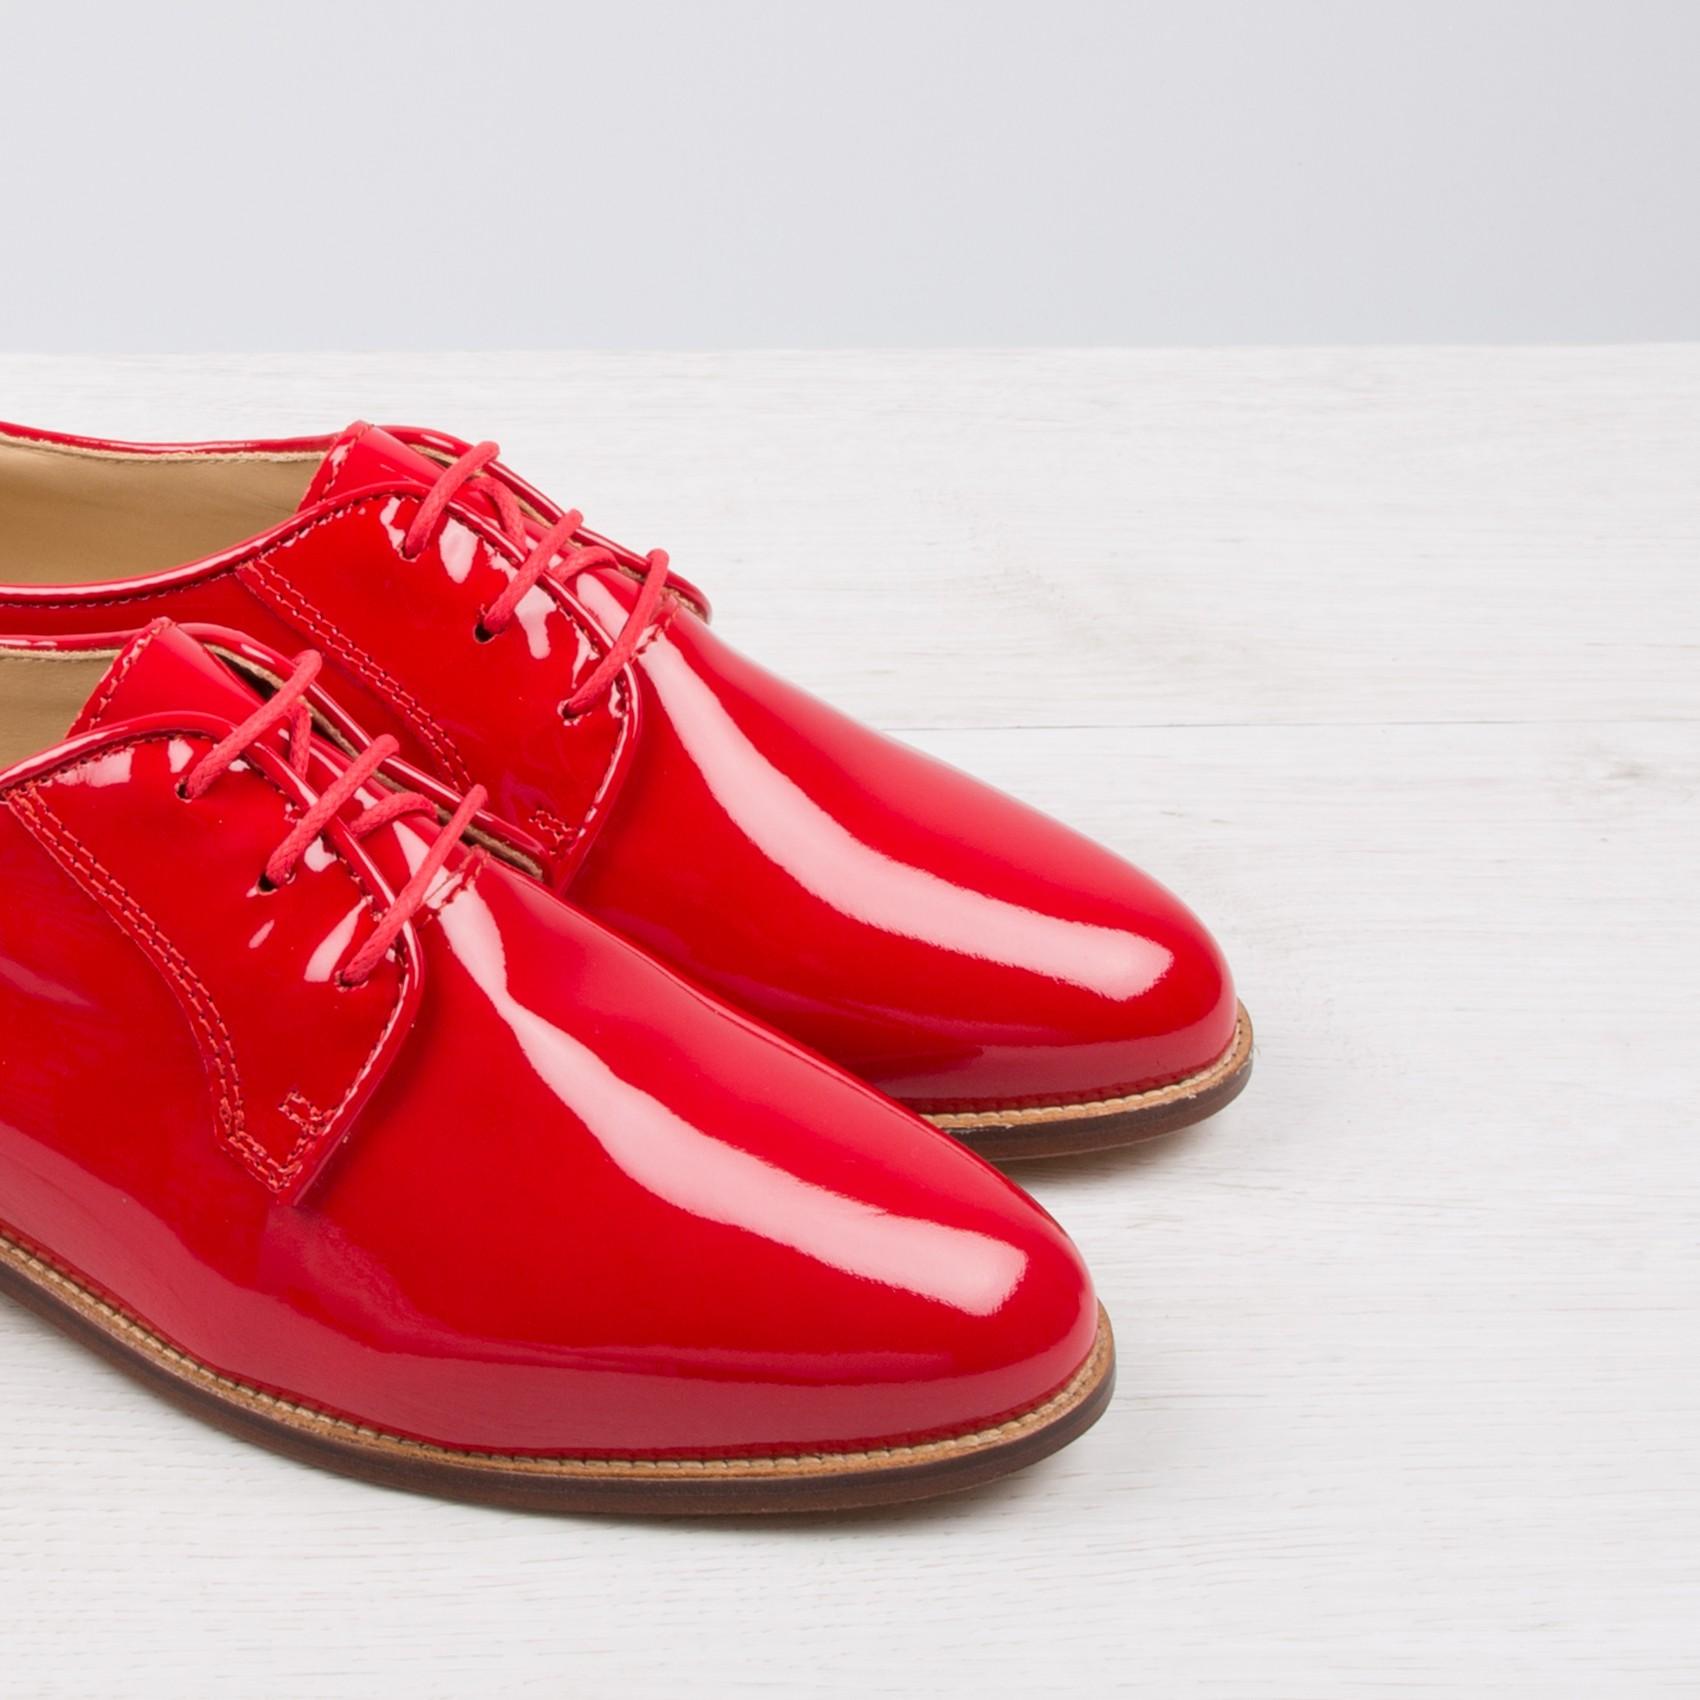 2e1066fd6 derbies femme rouge,Derby rouge fonc茅 verni